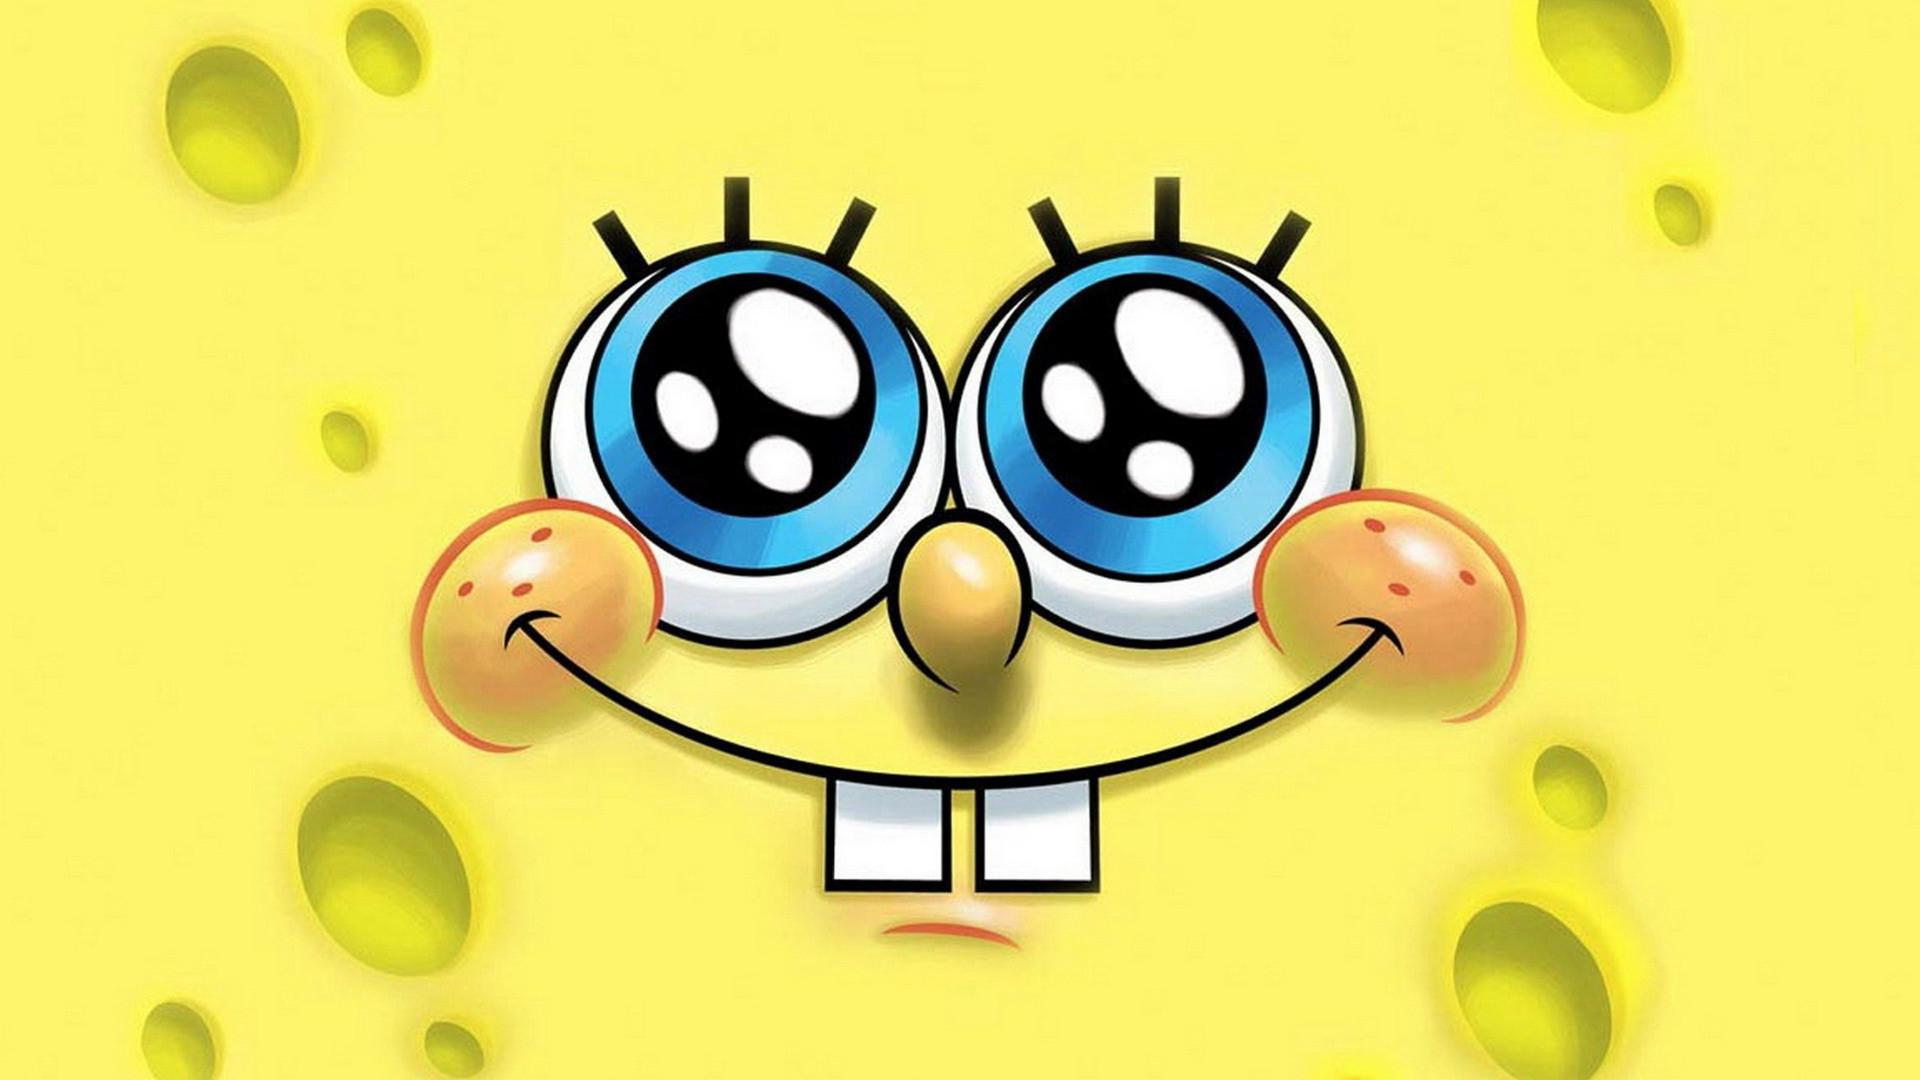 Spongebob Ocean Background 59 Pictures